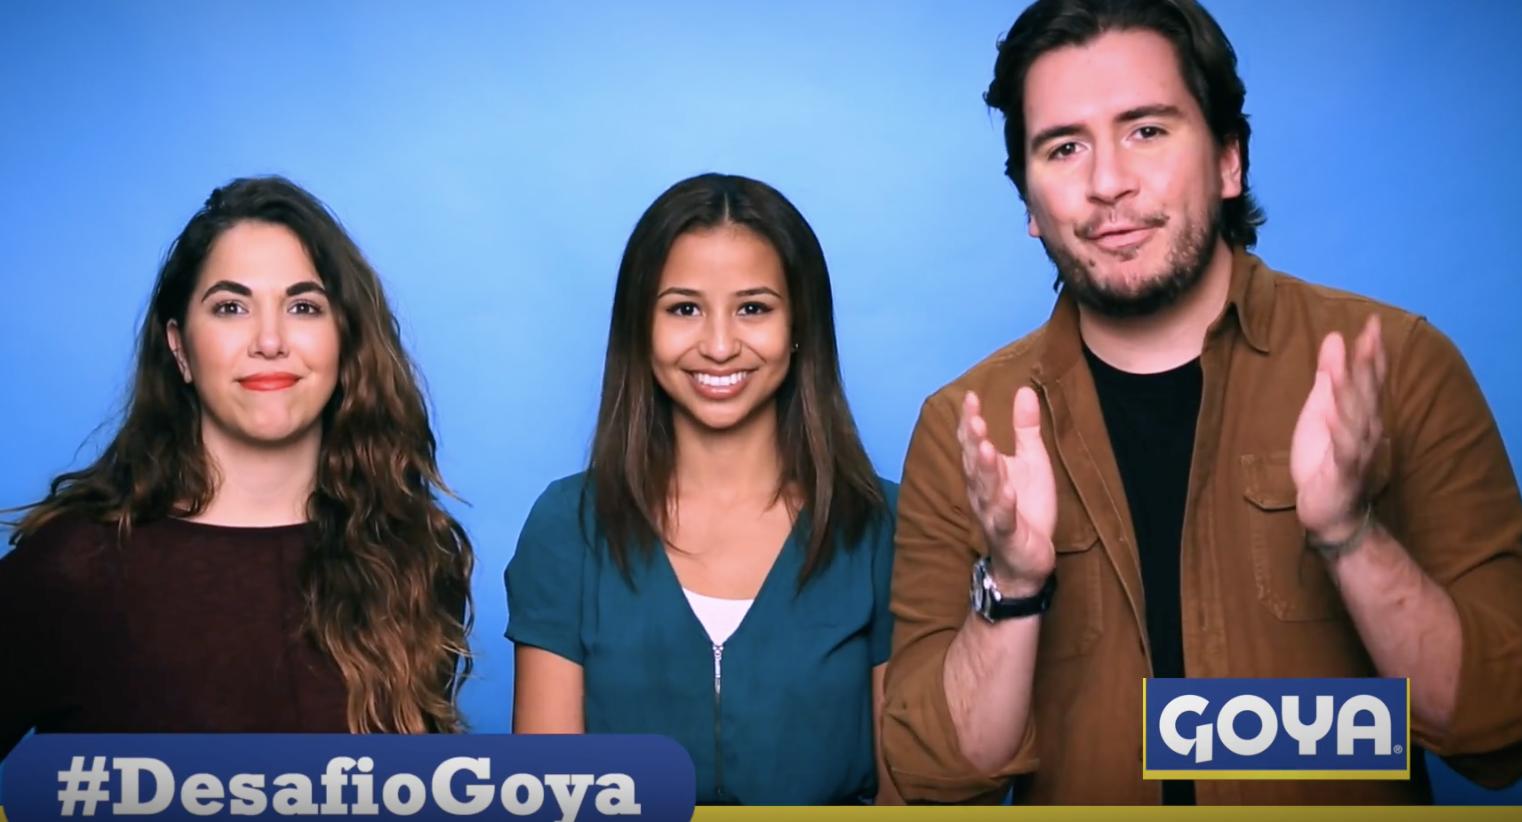 Univision Digita l- Desafio Goya Interview With Santi and Laurita from Miami's 107.5